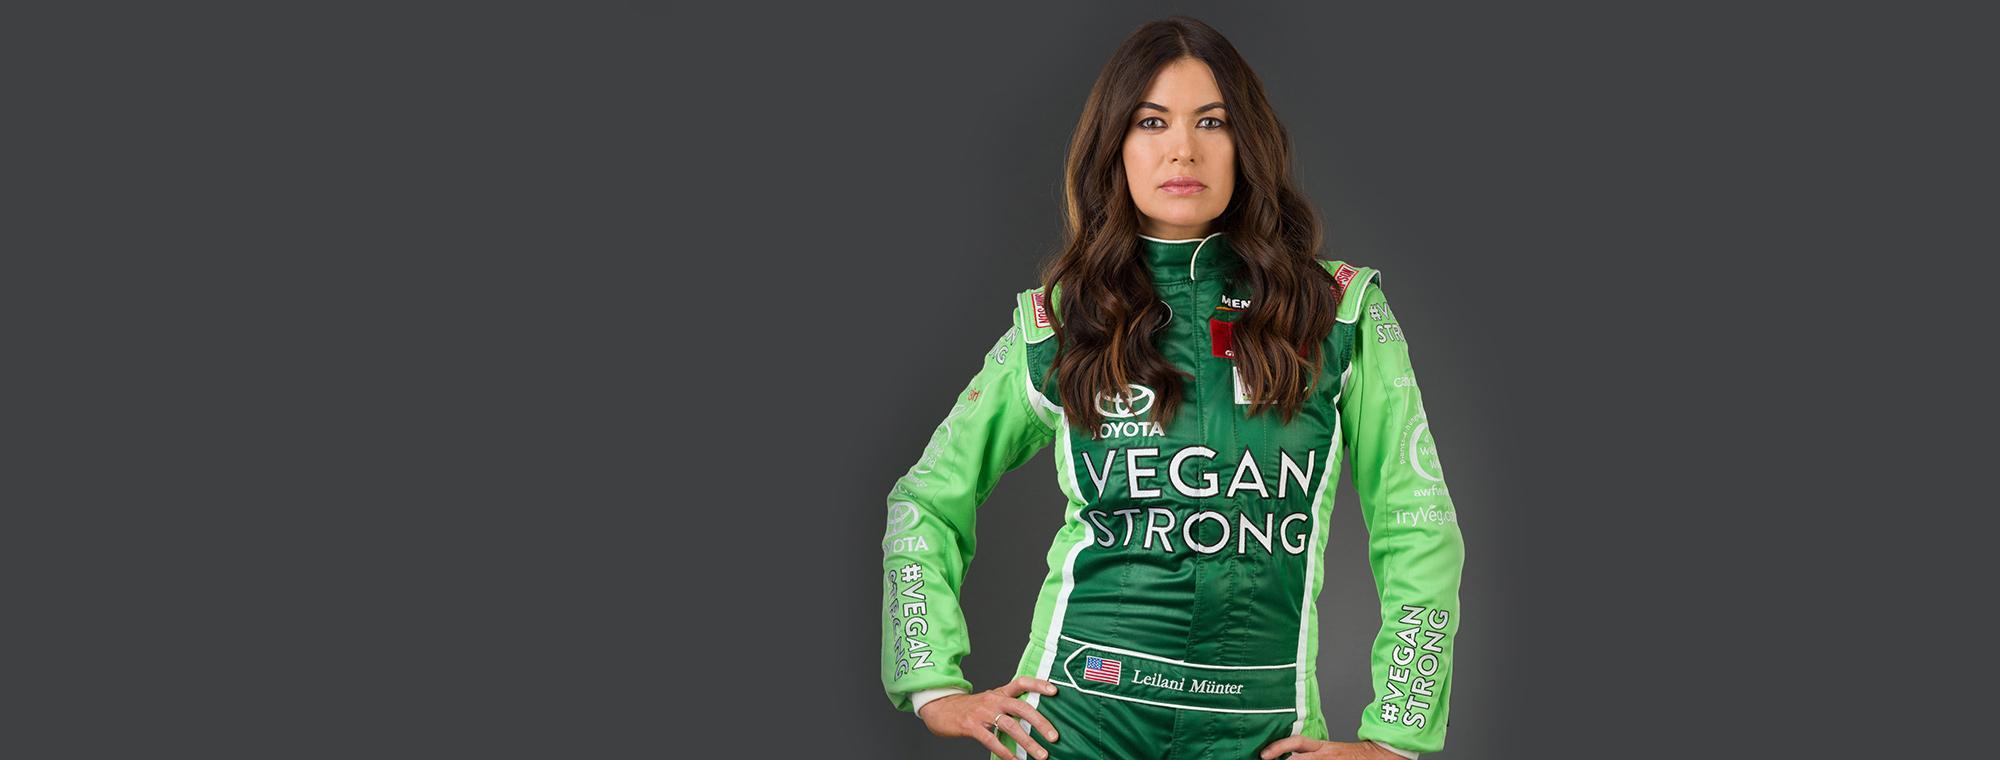 strong vegan woman